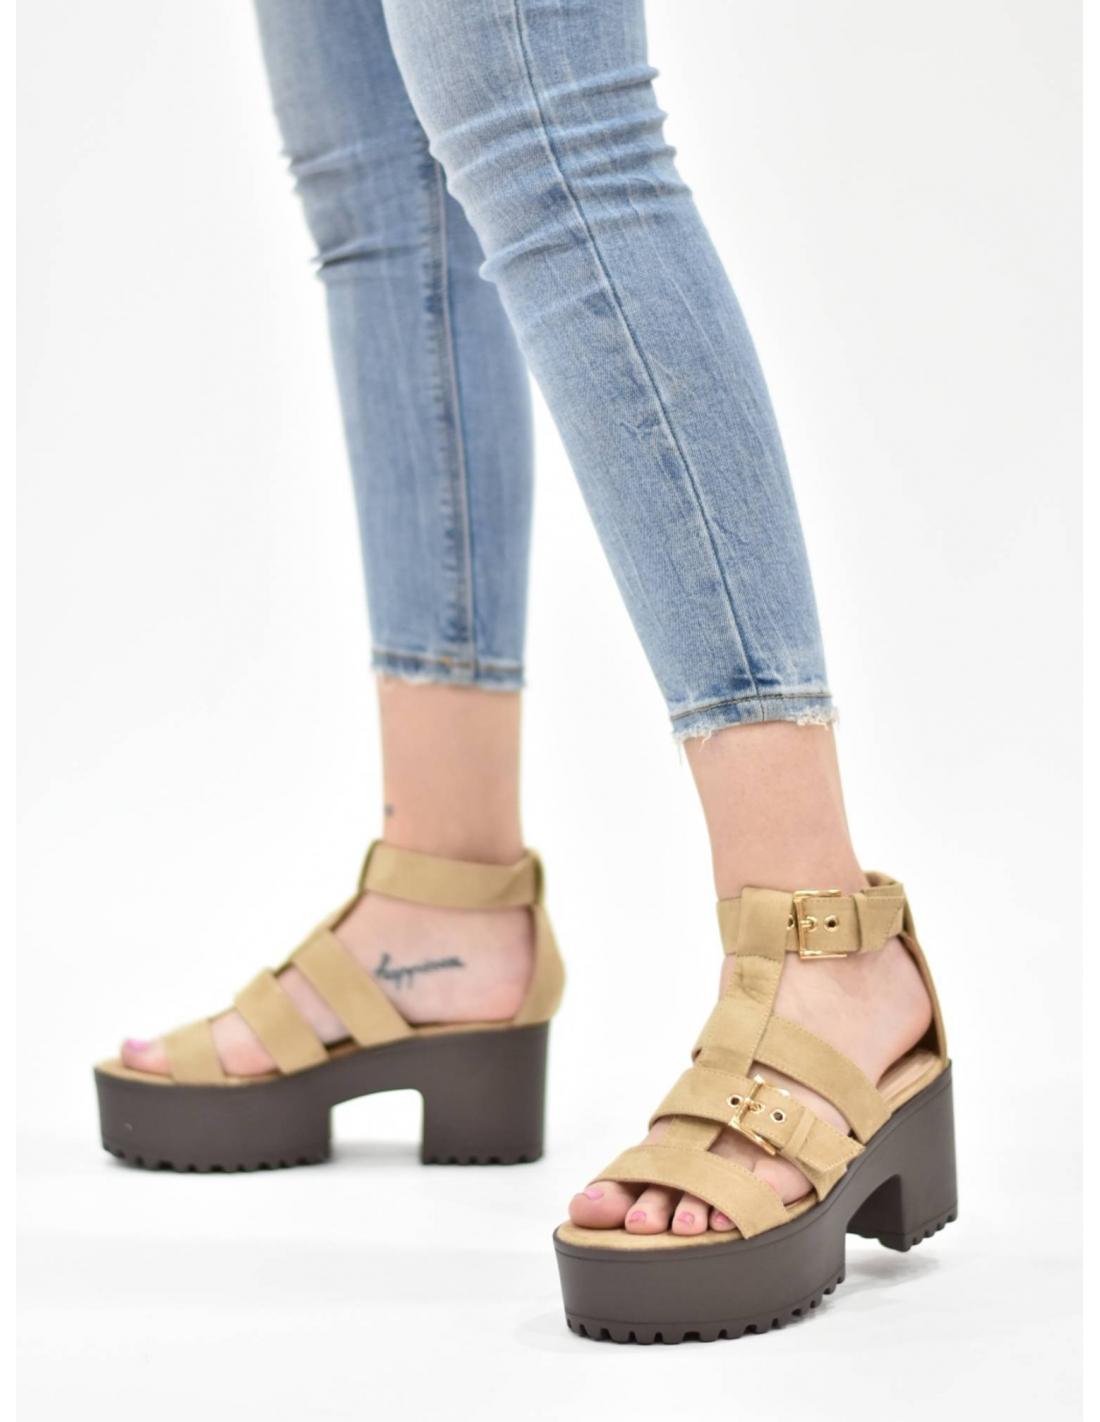 Sandalia vanet beige